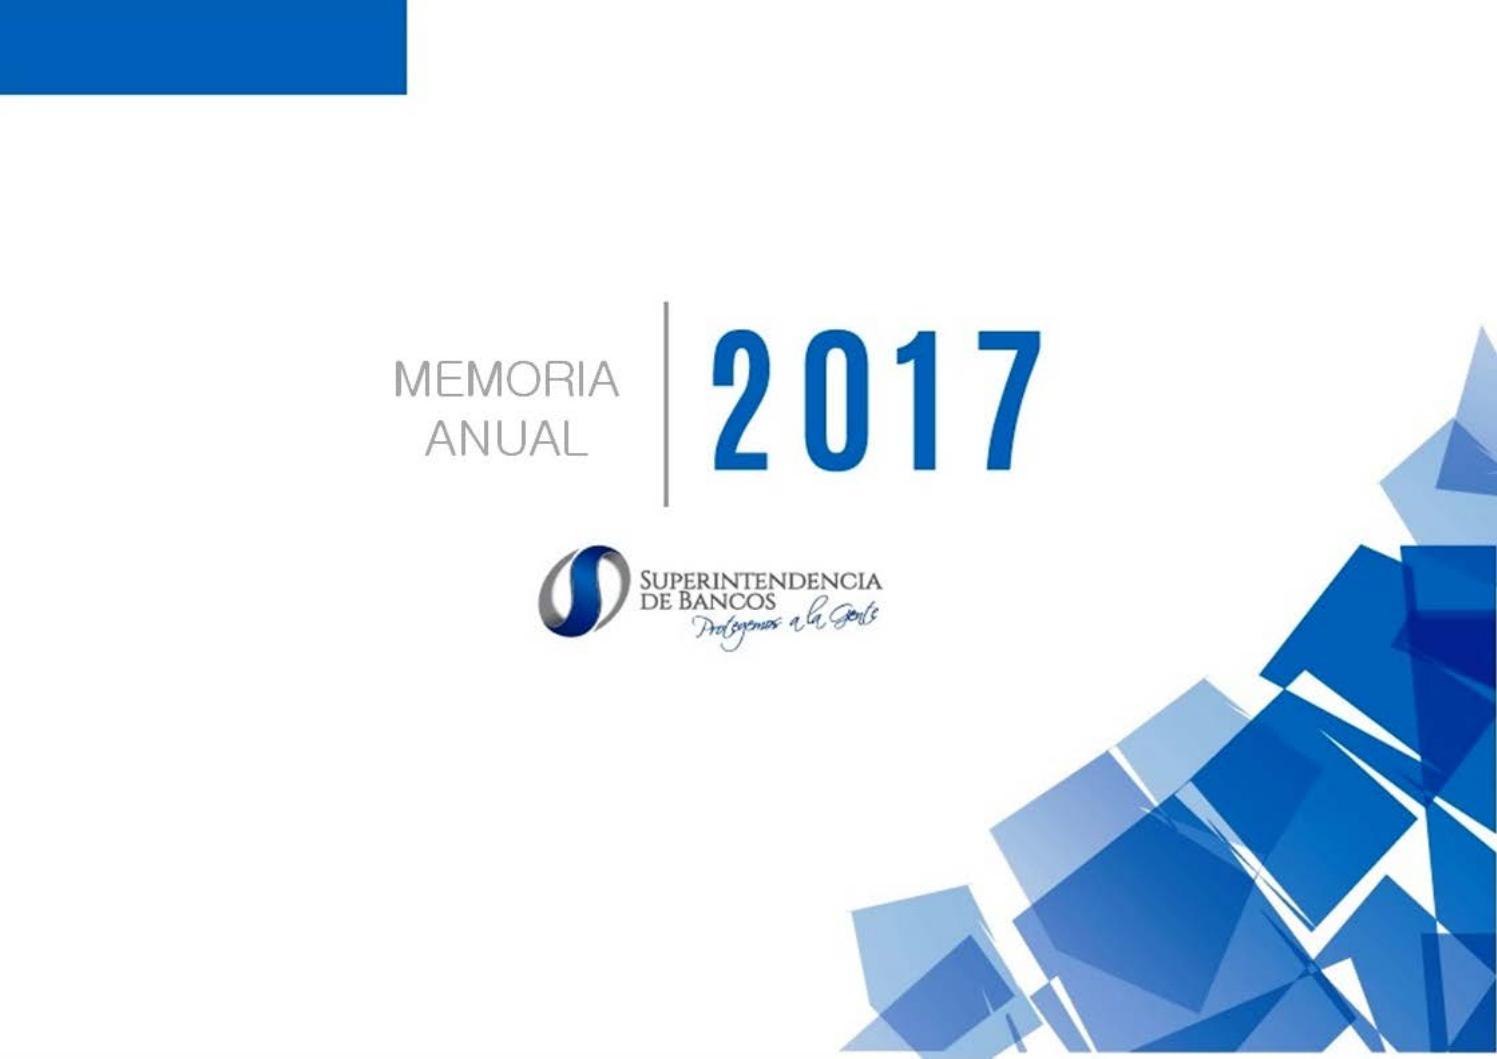 Memoria Institucional 2017 By Superintendencia De Bancos Issuu